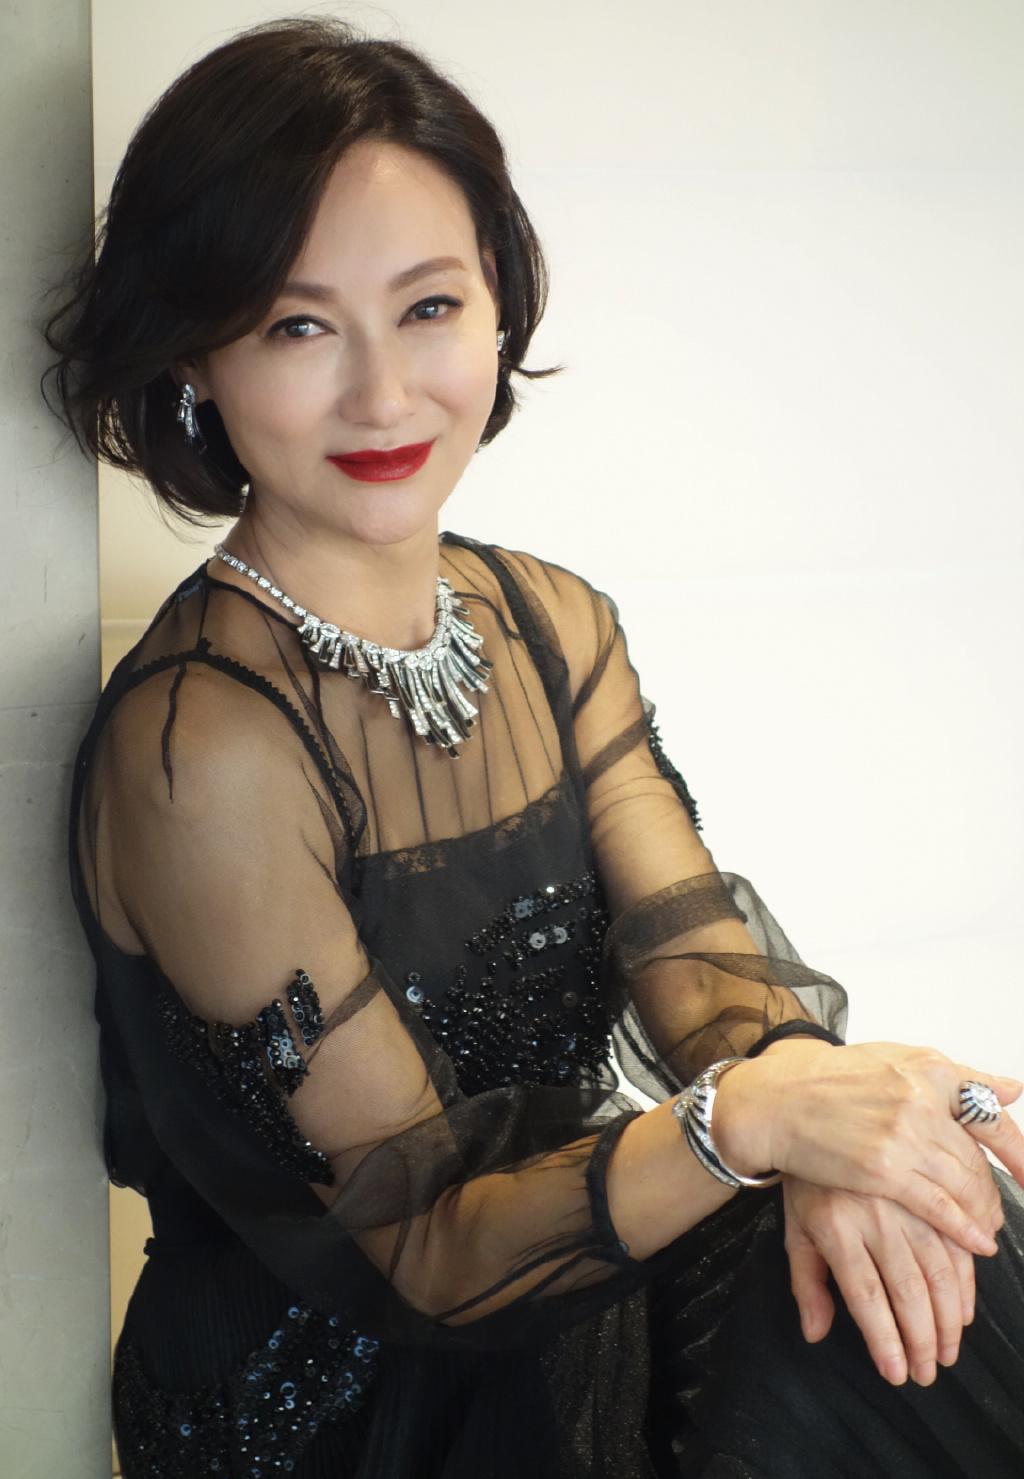 Mỹ nhân Hong Kong đã 60 tuổi làn da vẫn đẹp nuột nà nhờ 2 nguyên liệu làm đẹp đơn giản, rẻ tiền ai cũng có thể học theo - Ảnh 1.